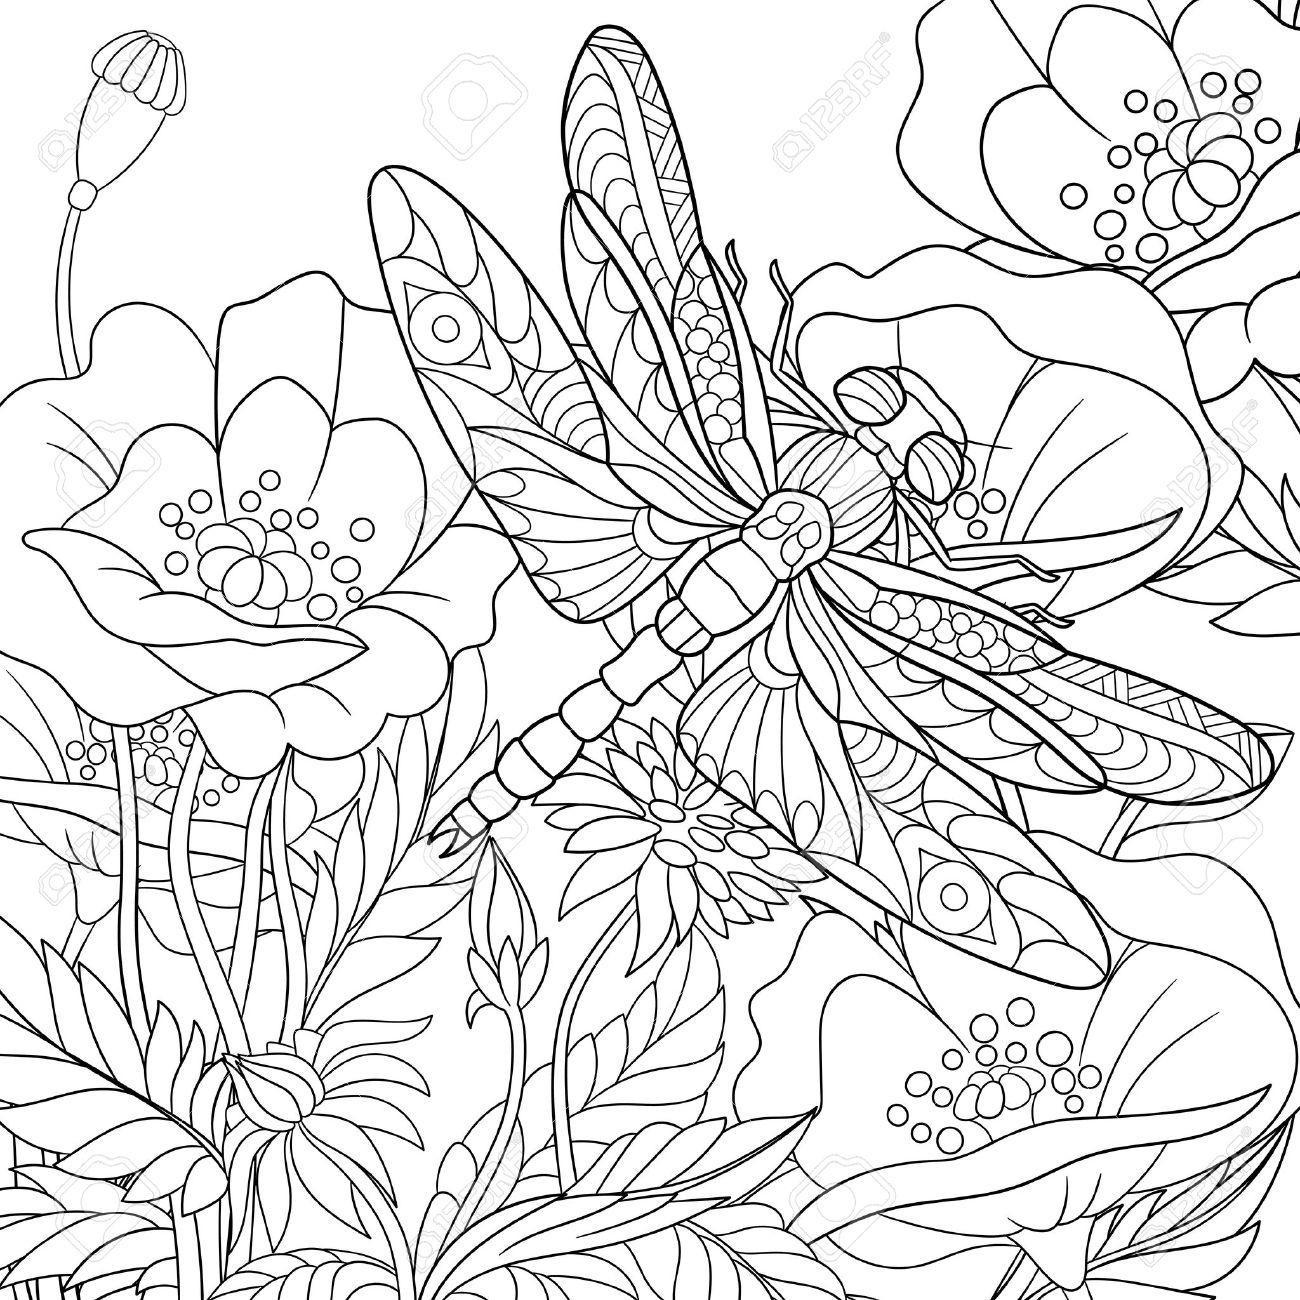 Coloriage Fleur Insecte.Stylise Dessin Anime Libellule Insecte Vole Autour Des Fleurs De